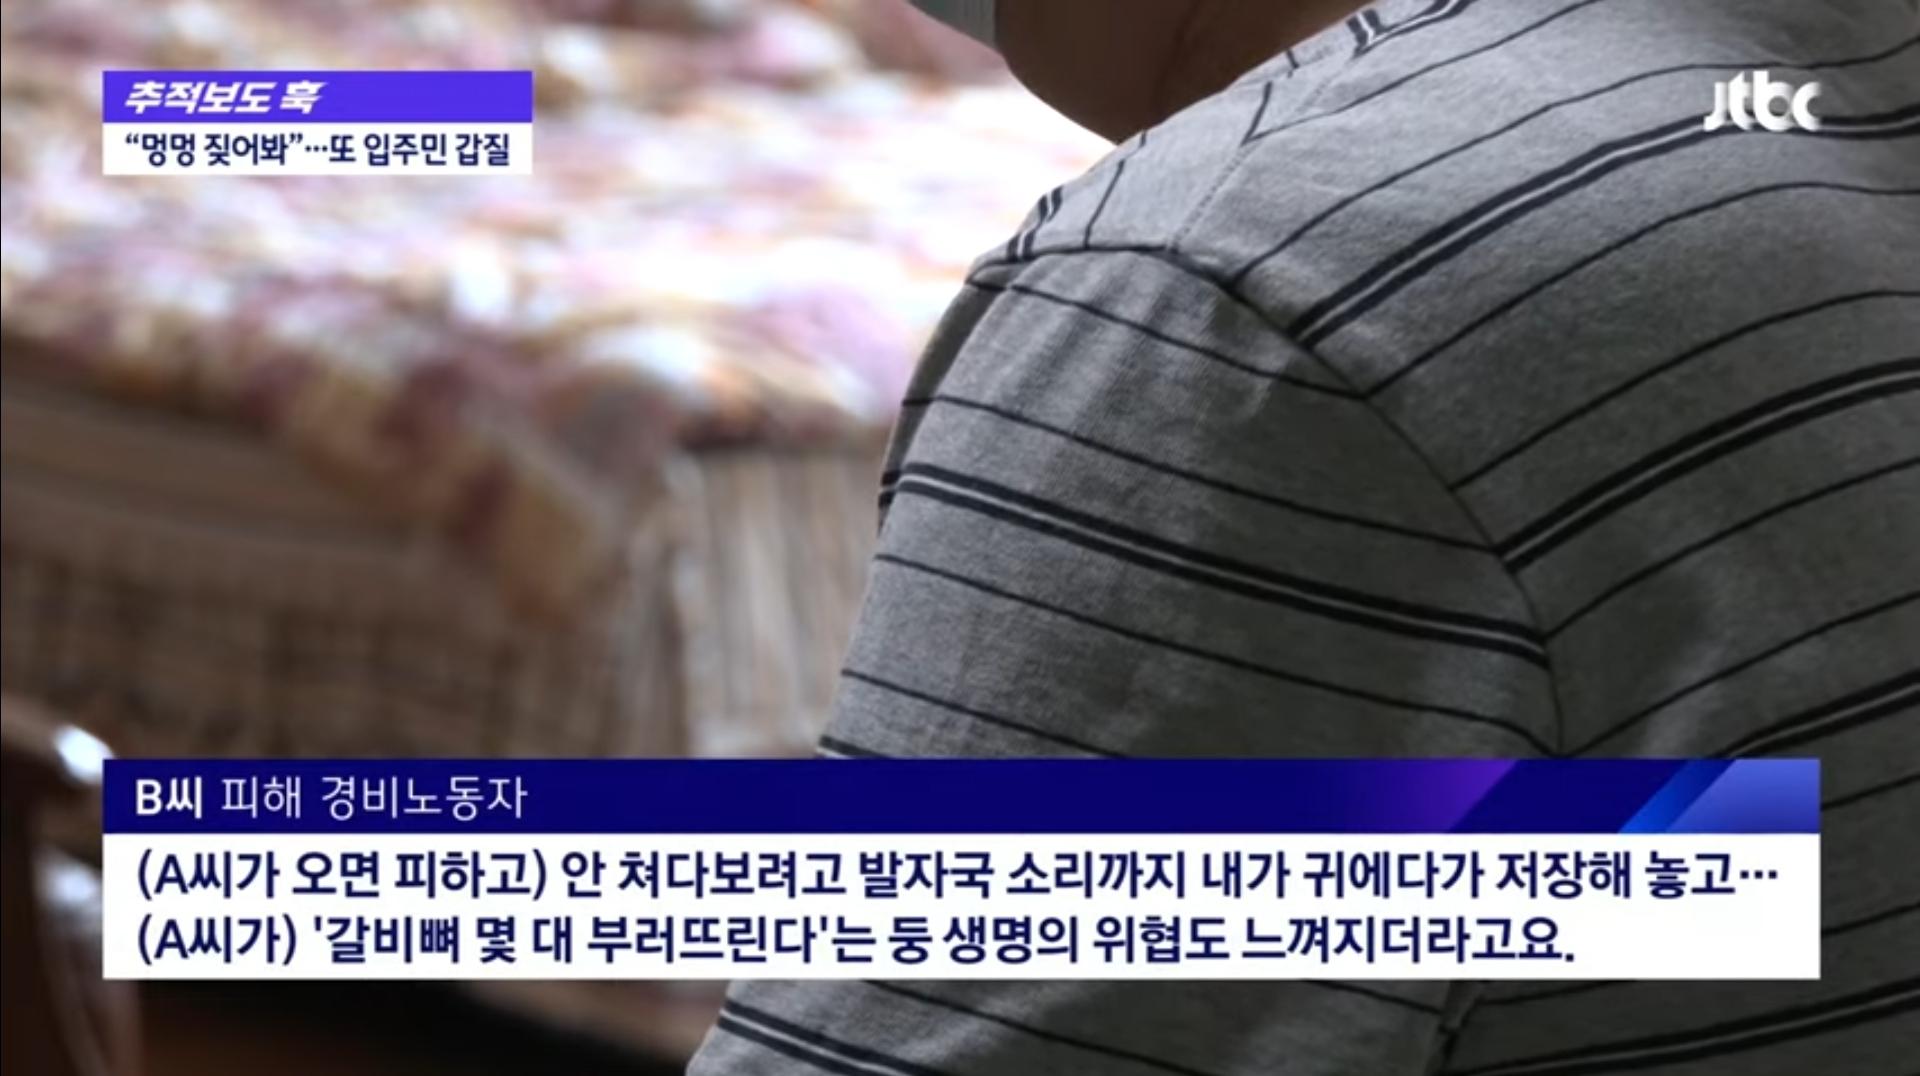 멍멍 짖어봐 아버지뻘 경비원에 갑질한 20대 입주민 - 꾸르